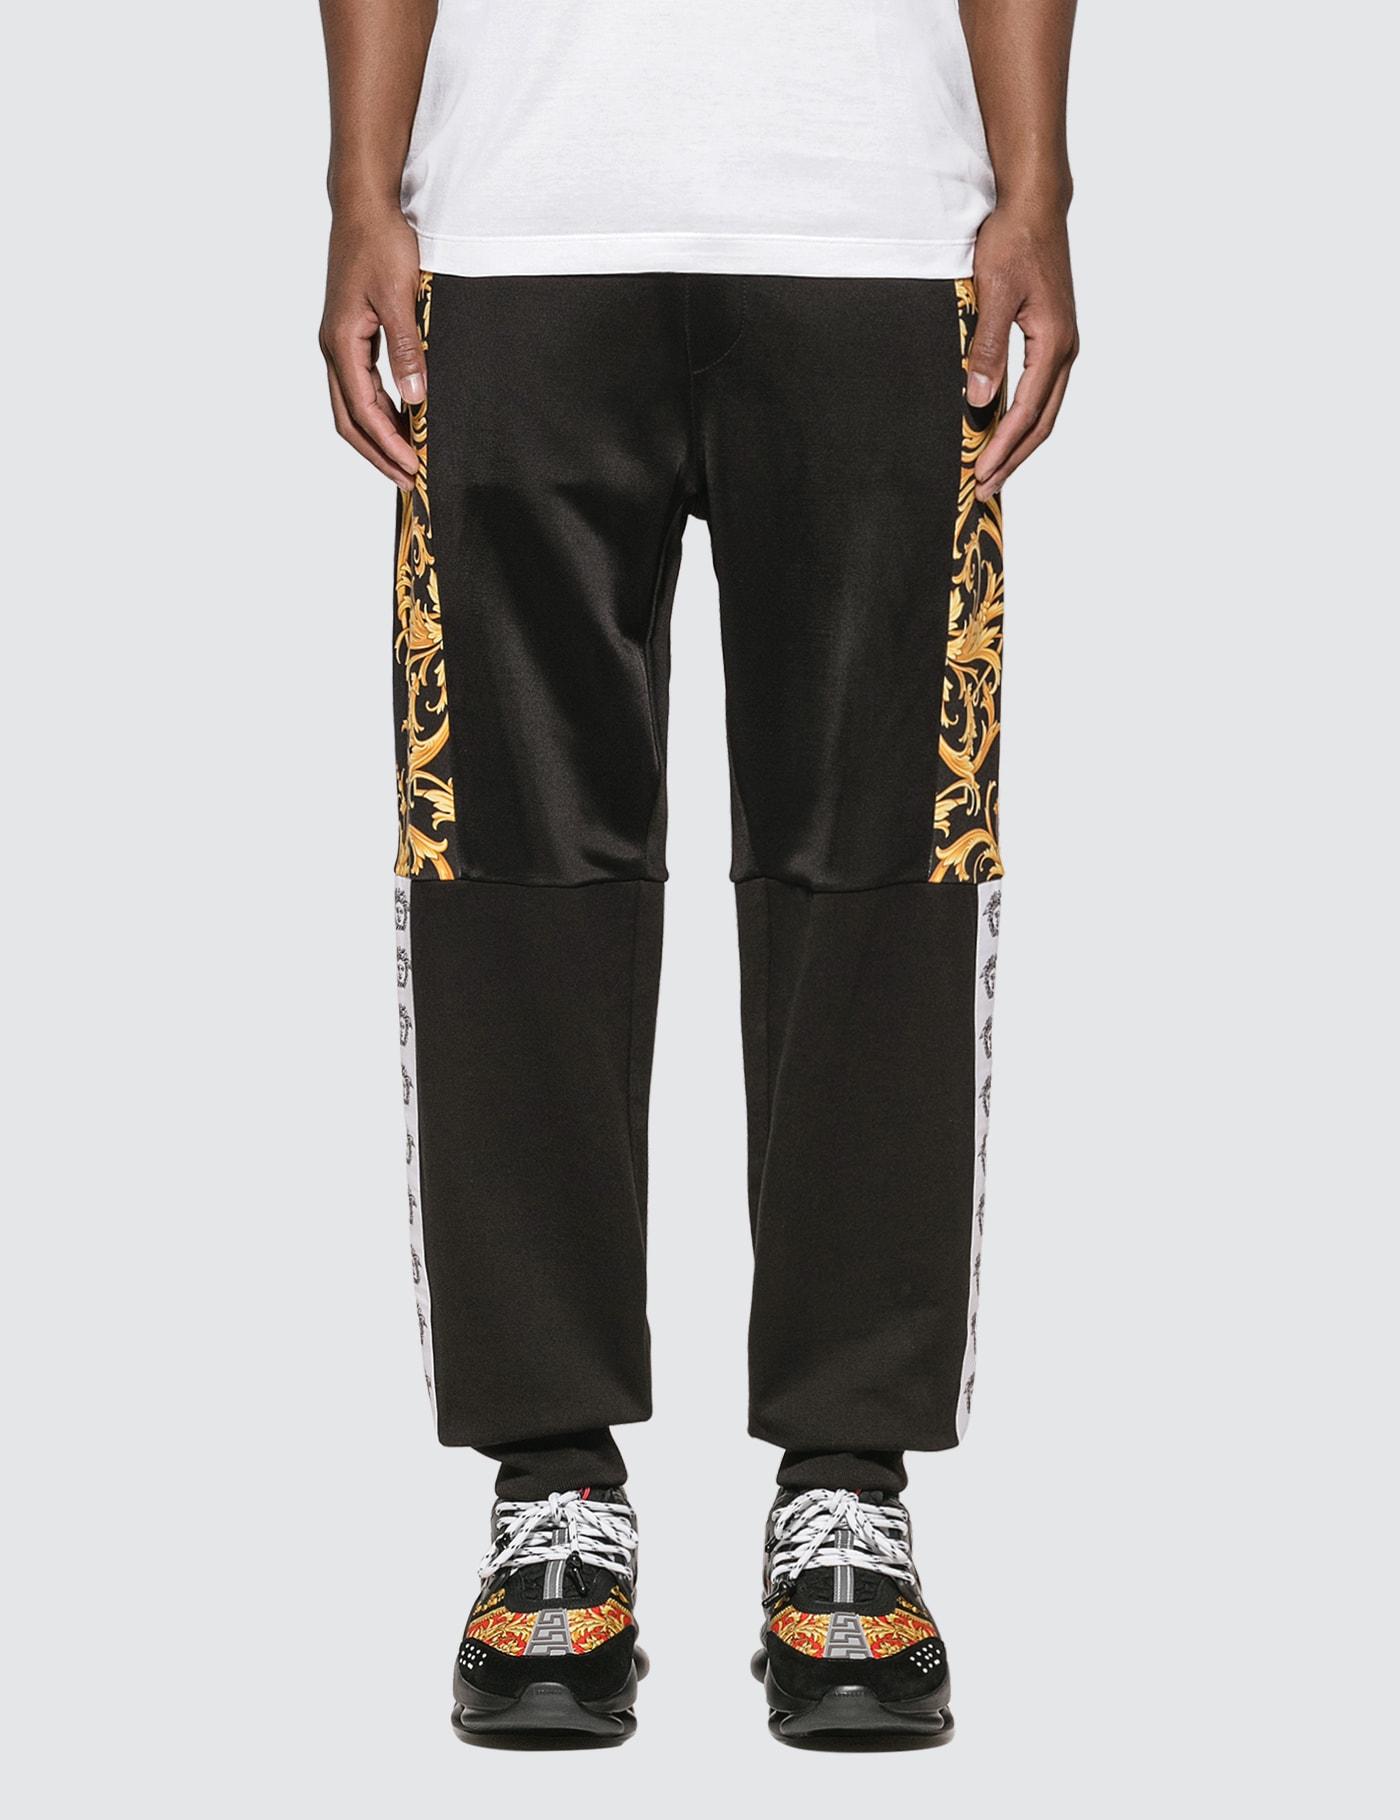 Barocco Lounge Pants